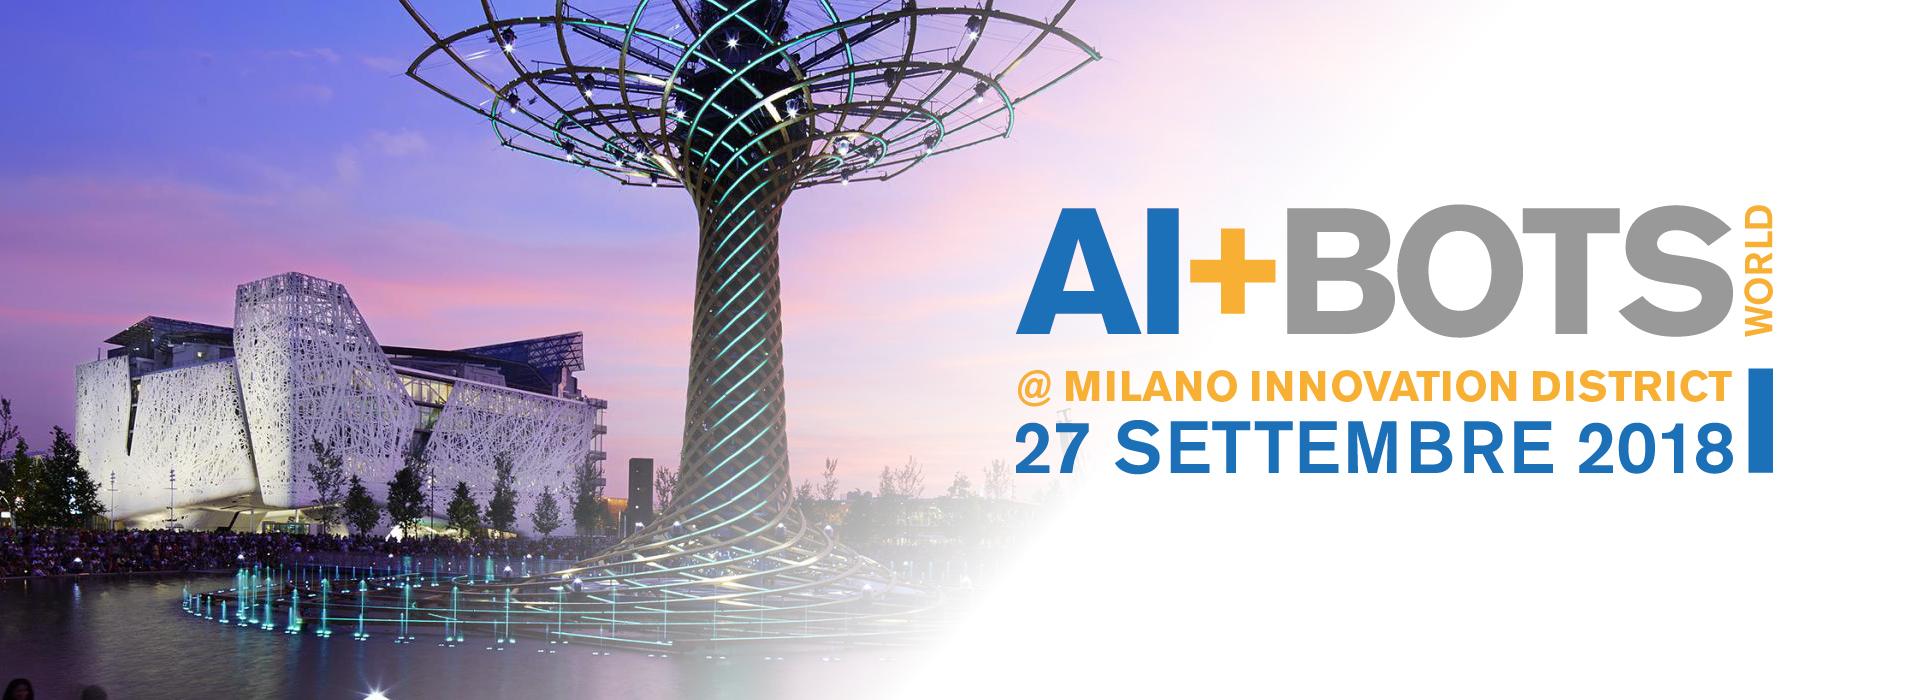 AI+BOTS World: l'intelligenza artificiale incontra le aziende utenti più innovative